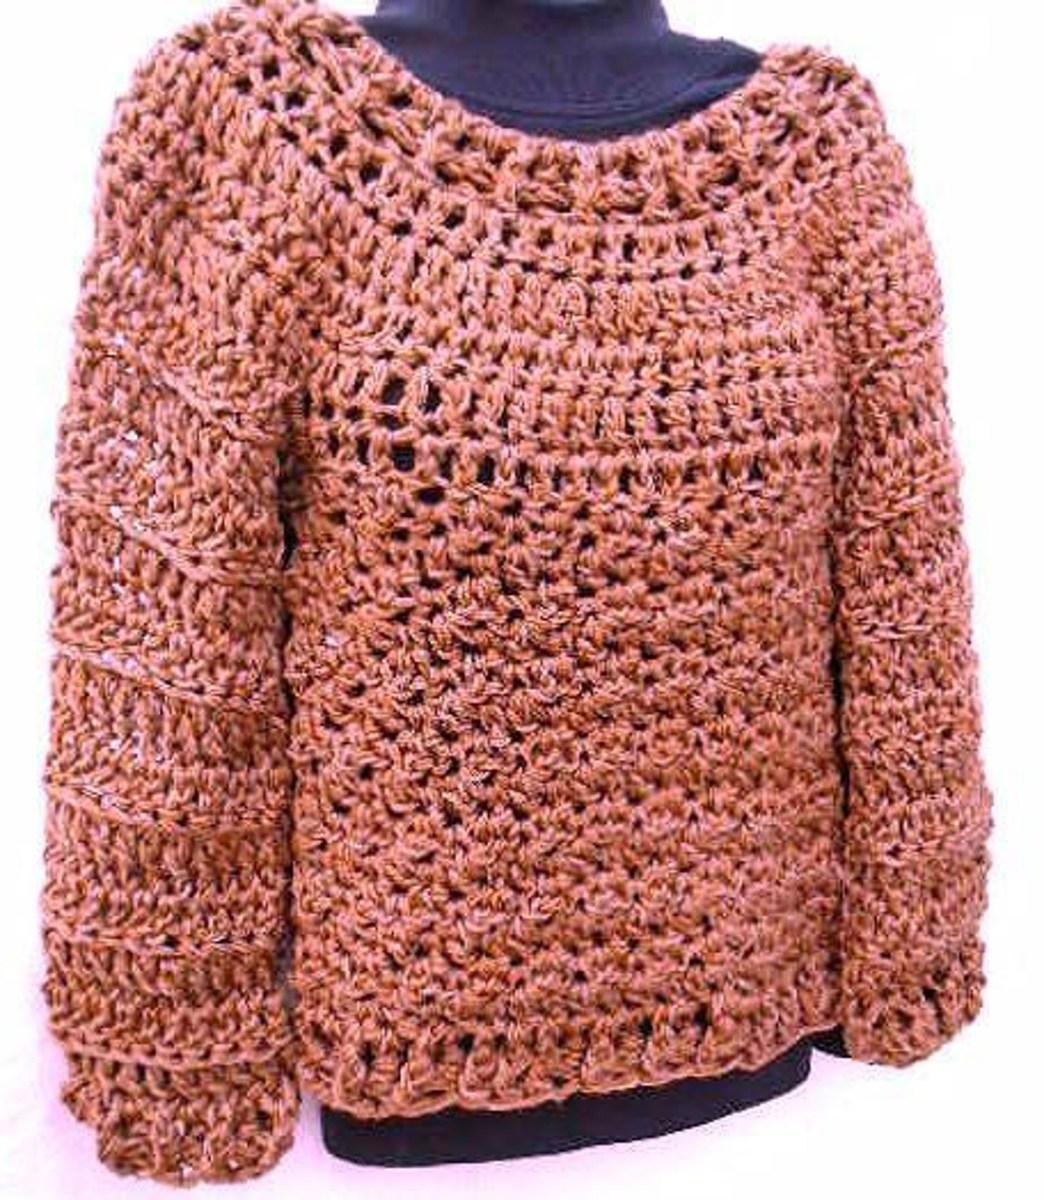 Free Crochet Jacket Pattern Designs for All Seasons The 10 Best Plus Size Crochet Patterns